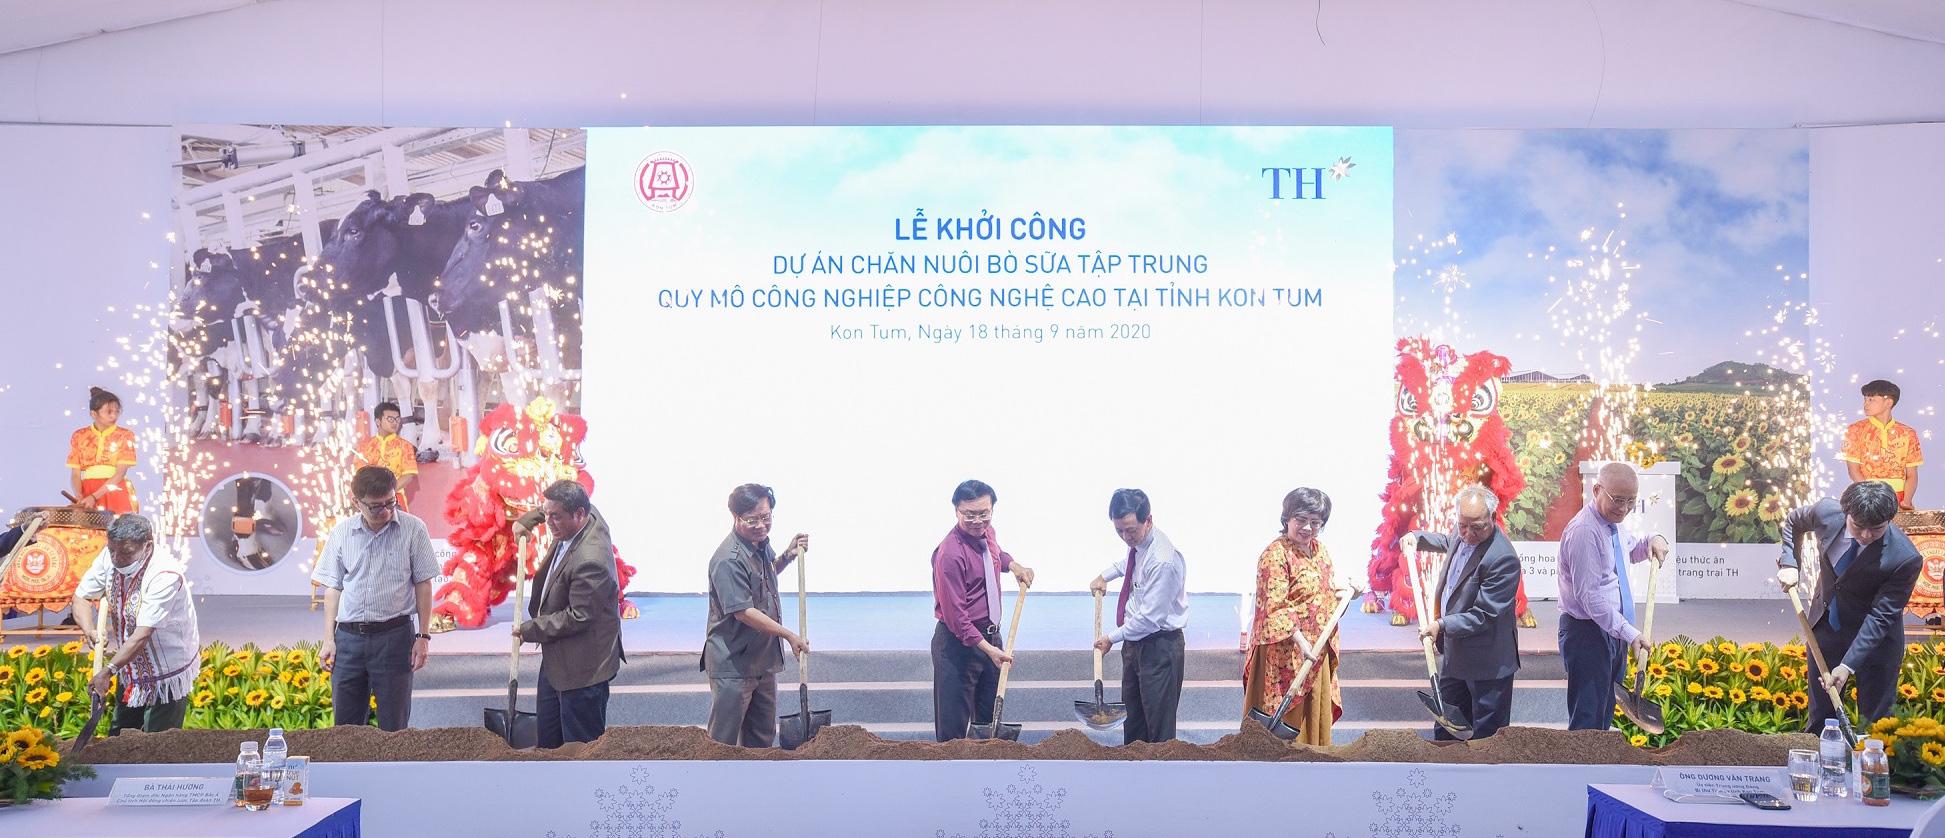 Kon Tum: Khởi công dự án nuôi bò sữa công nghệ cao quy mô lớn nhất Tây Nguyên - Ảnh 1.